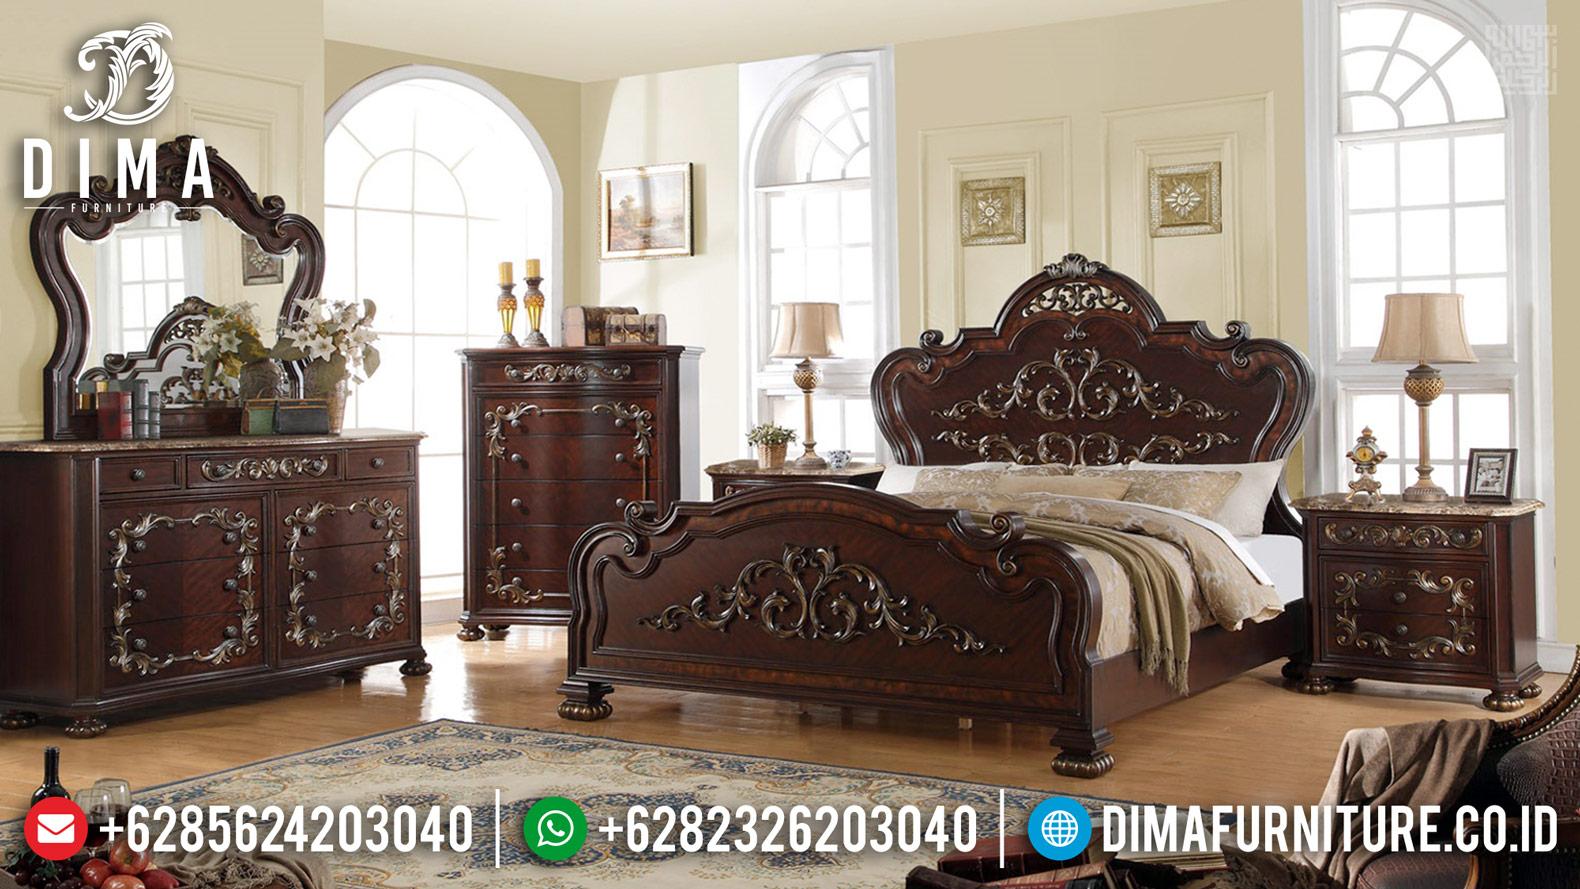 Harga Kamar Set Jati Natural Classic Ukiran Asli Furniture Jepara TTJ-0424